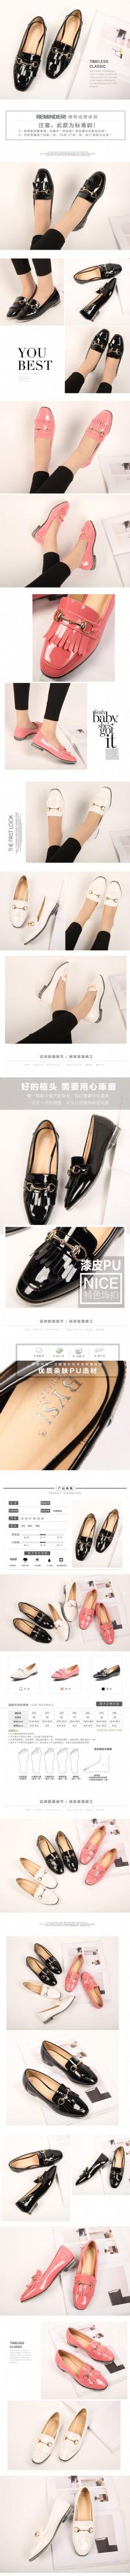 鞋子详情页